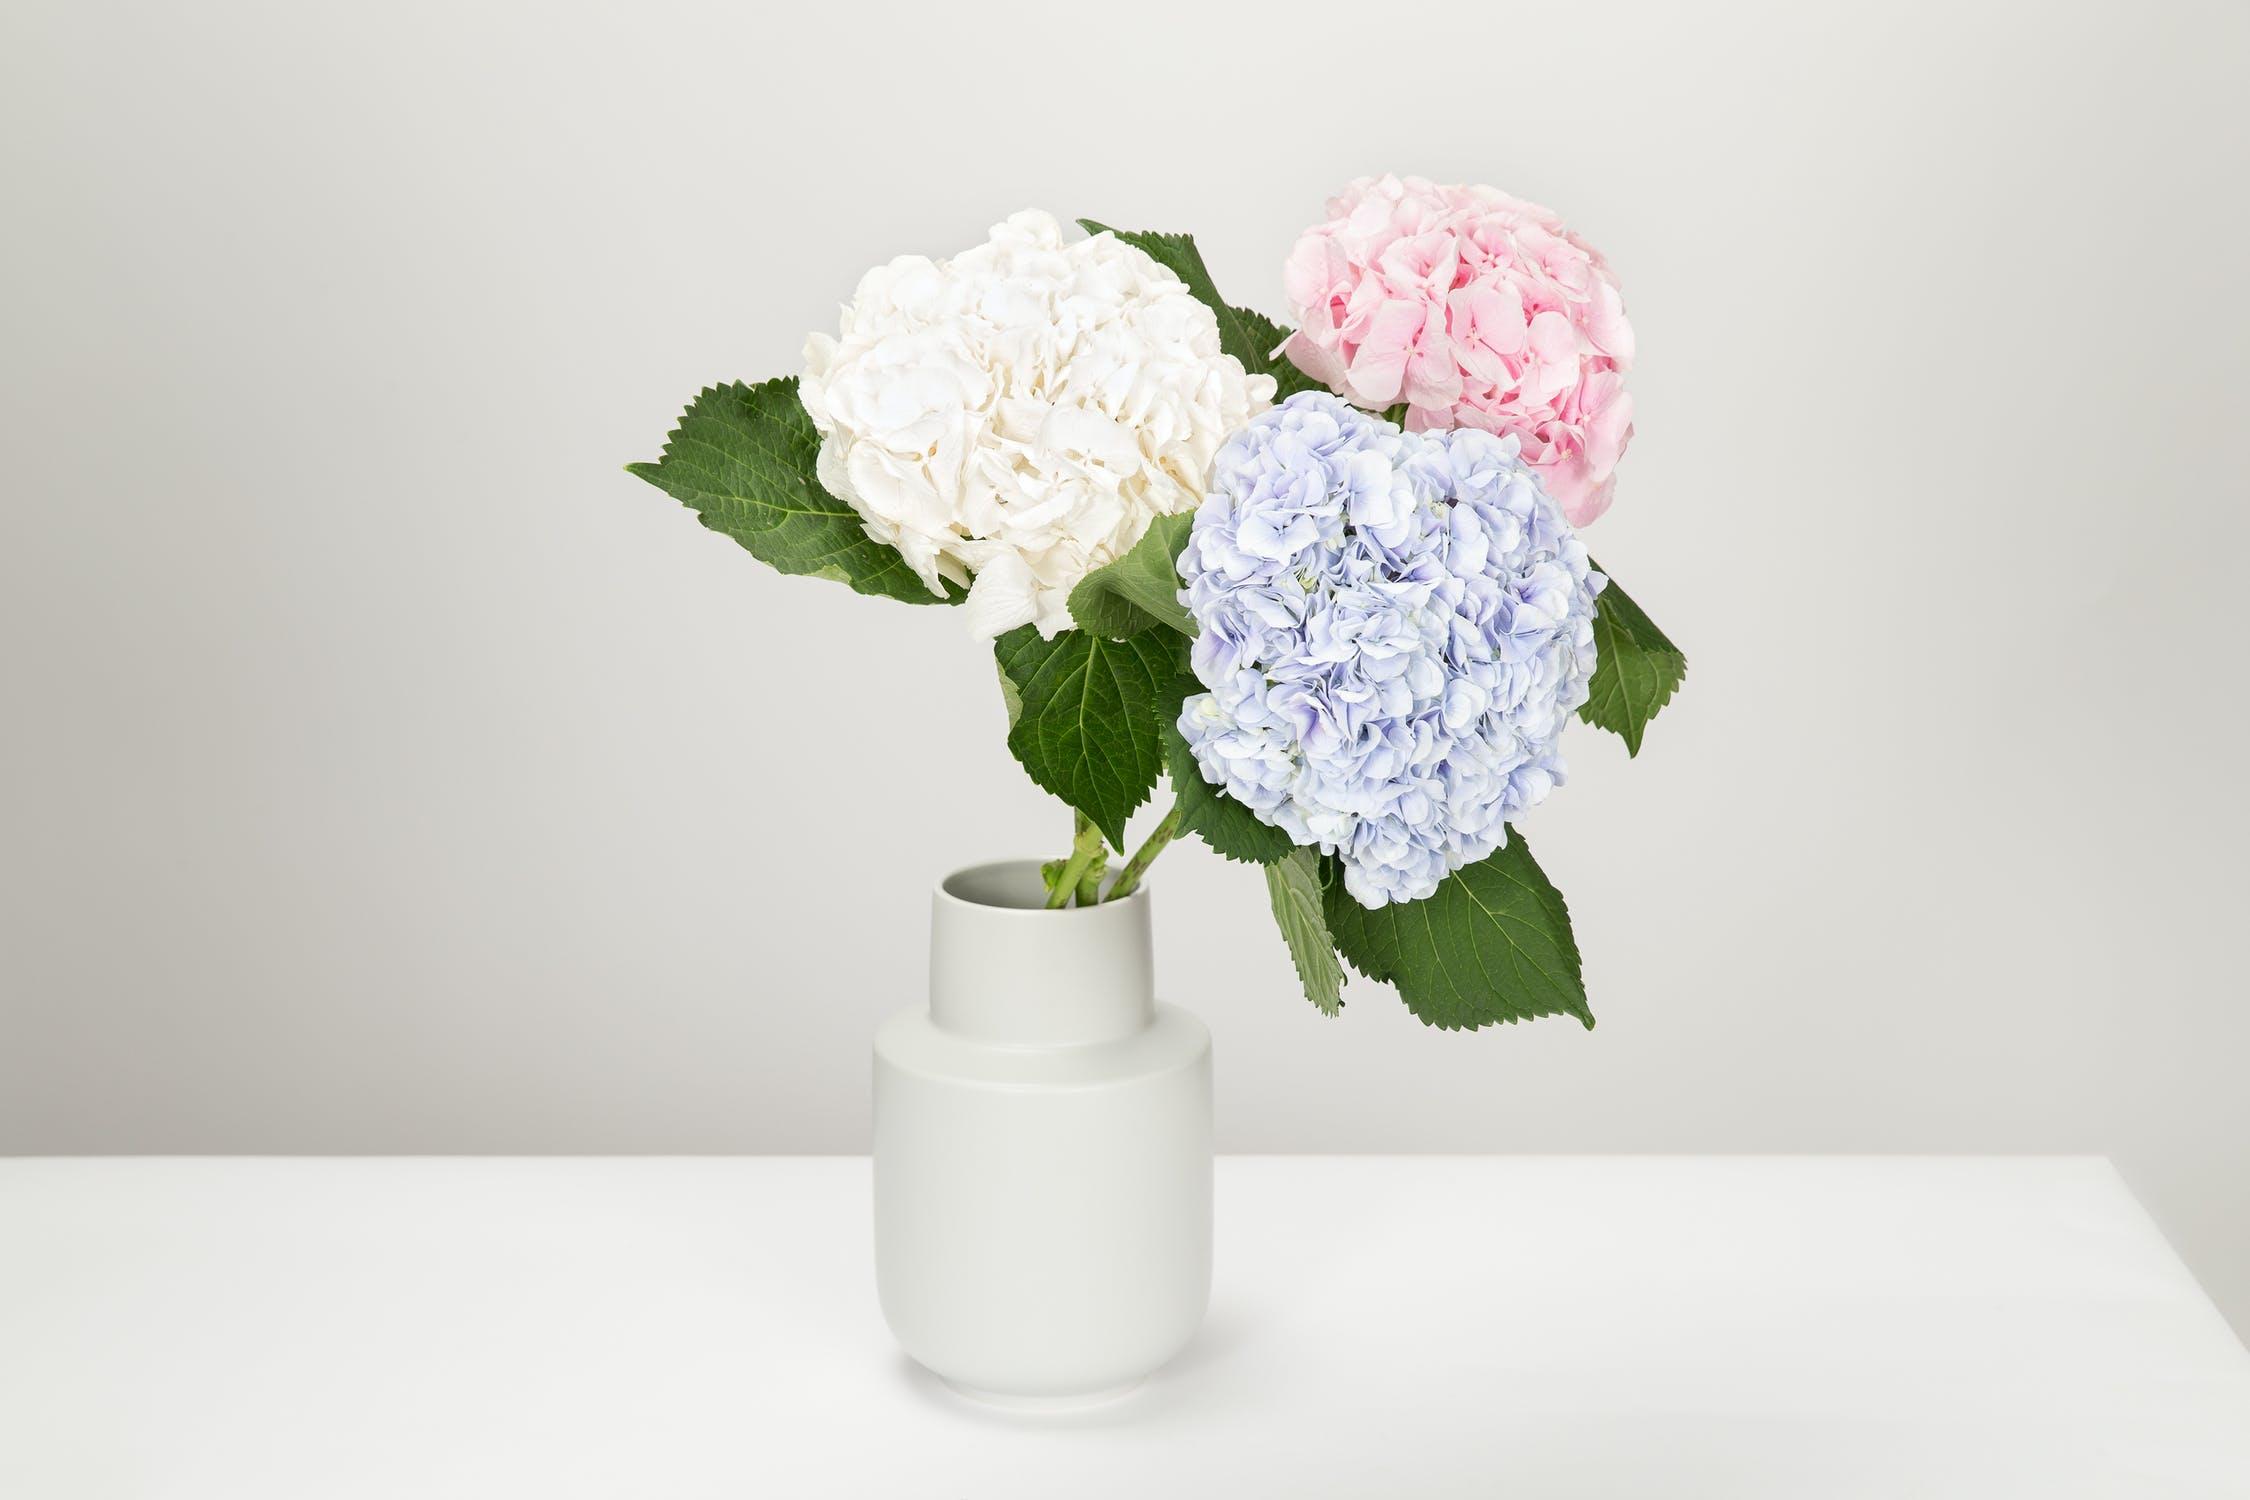 die passende vase